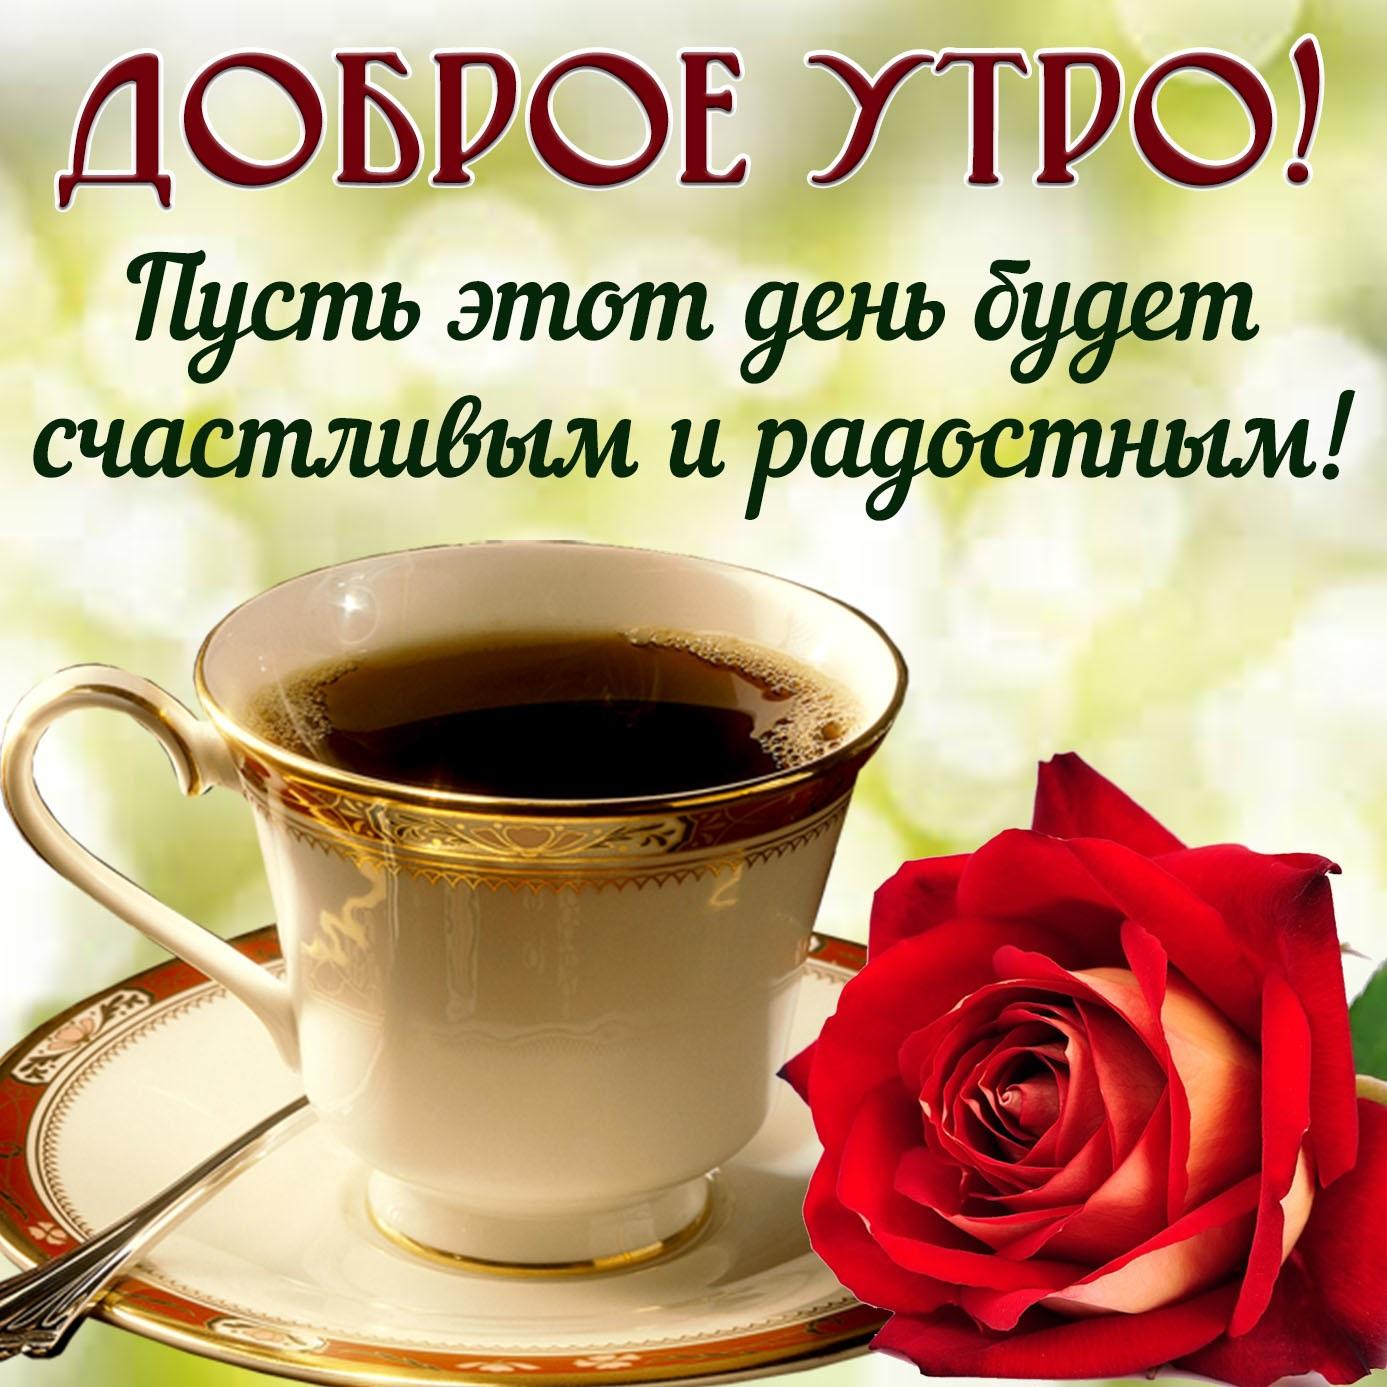 Скачать открытку с добрым утром и хорошего настроения 04